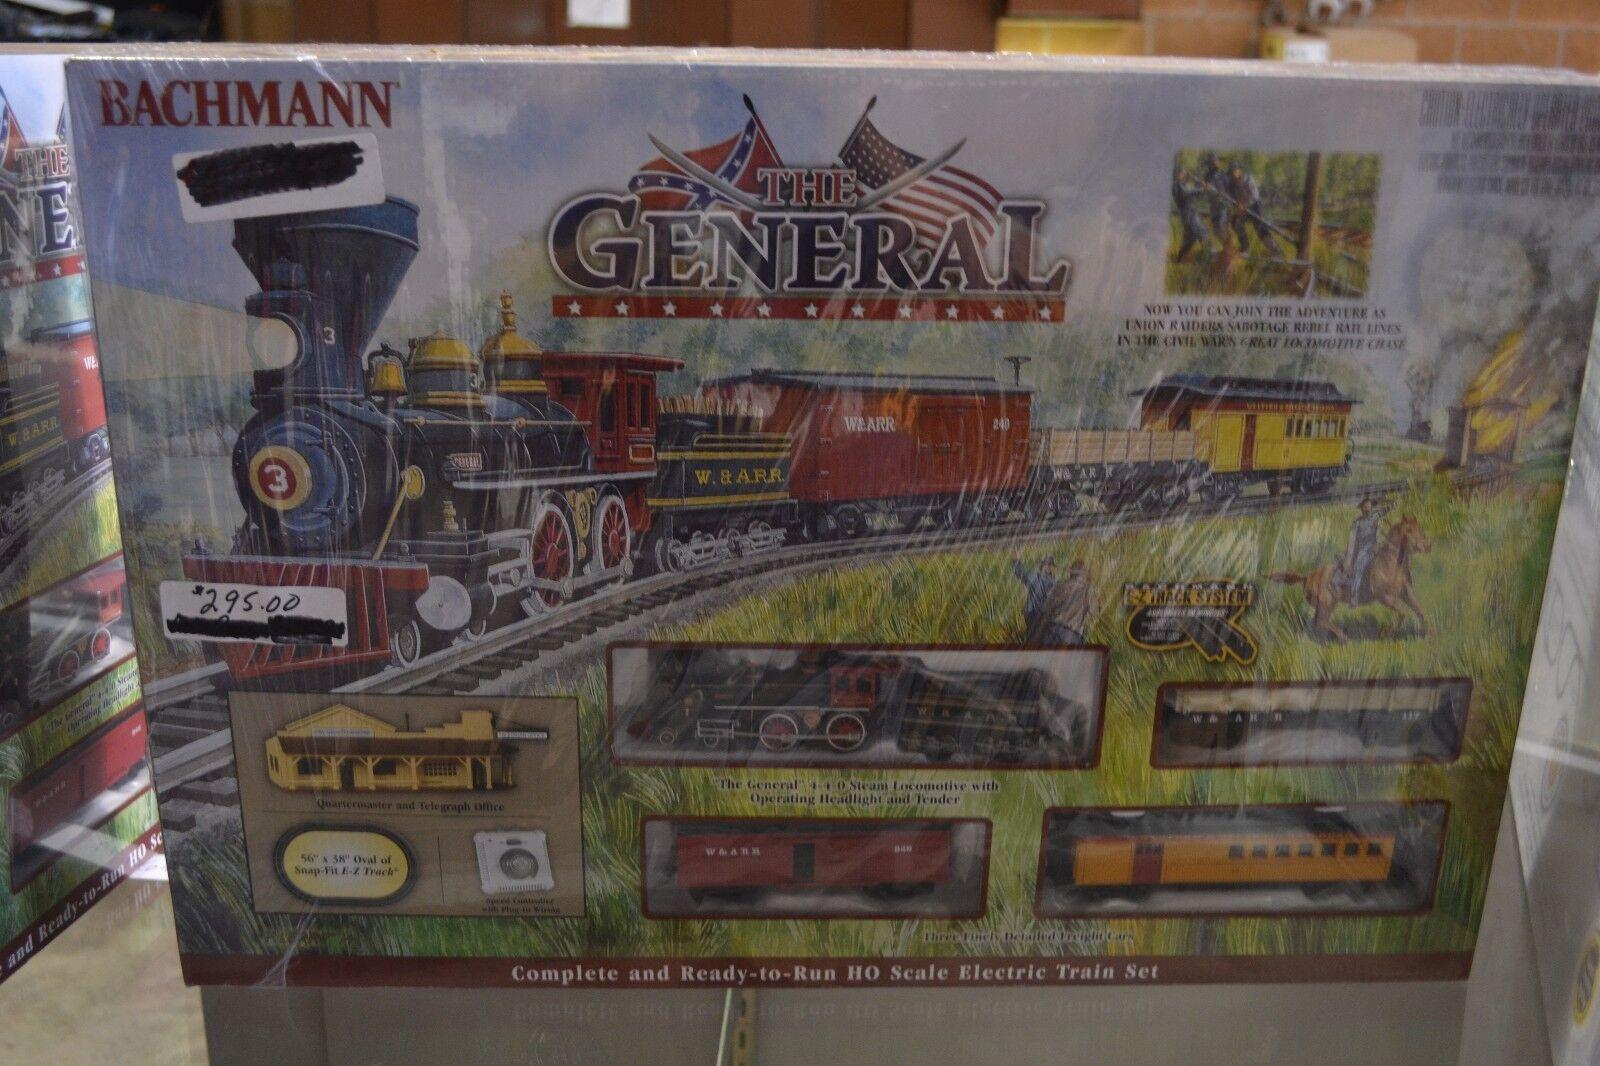 Tren Bachmann 00736 el general HO Set-Nuevo